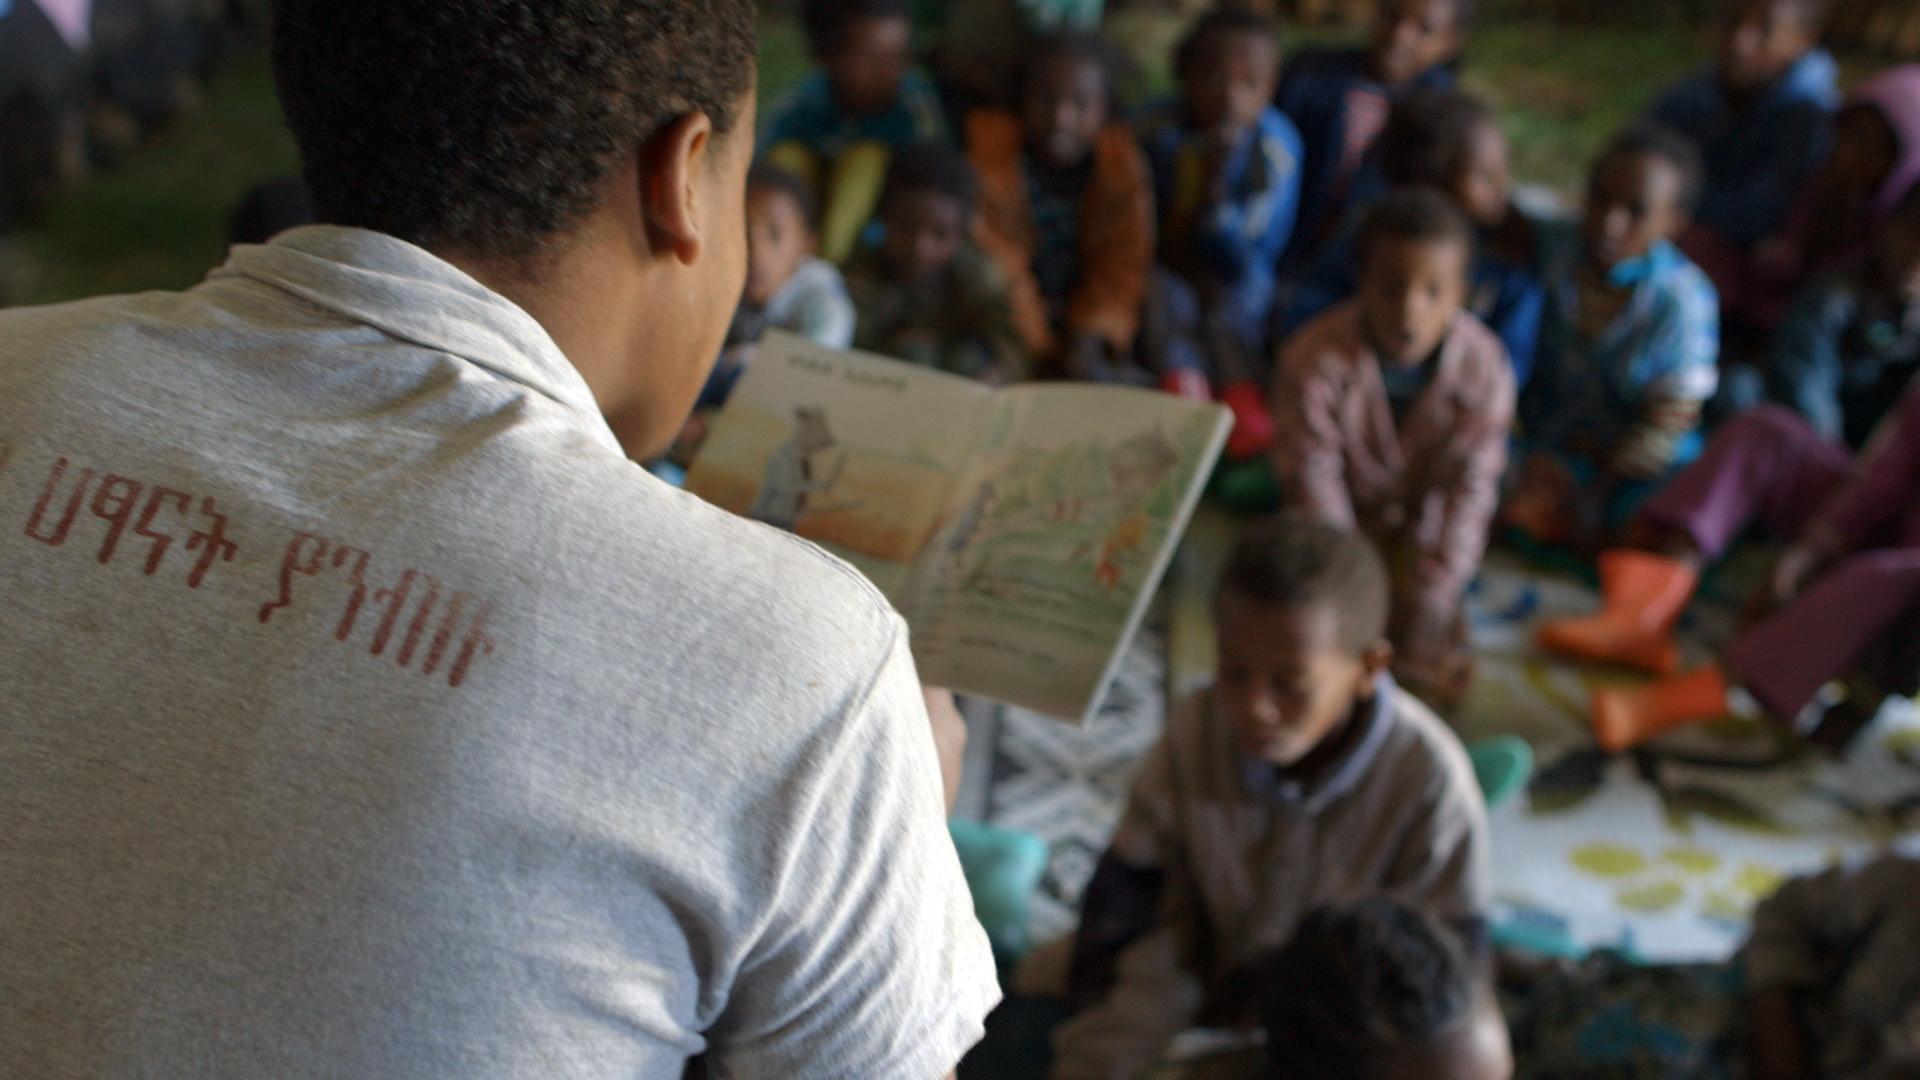 Belihu reads to children. (Photo credit: Max Greenstein / World Vision)